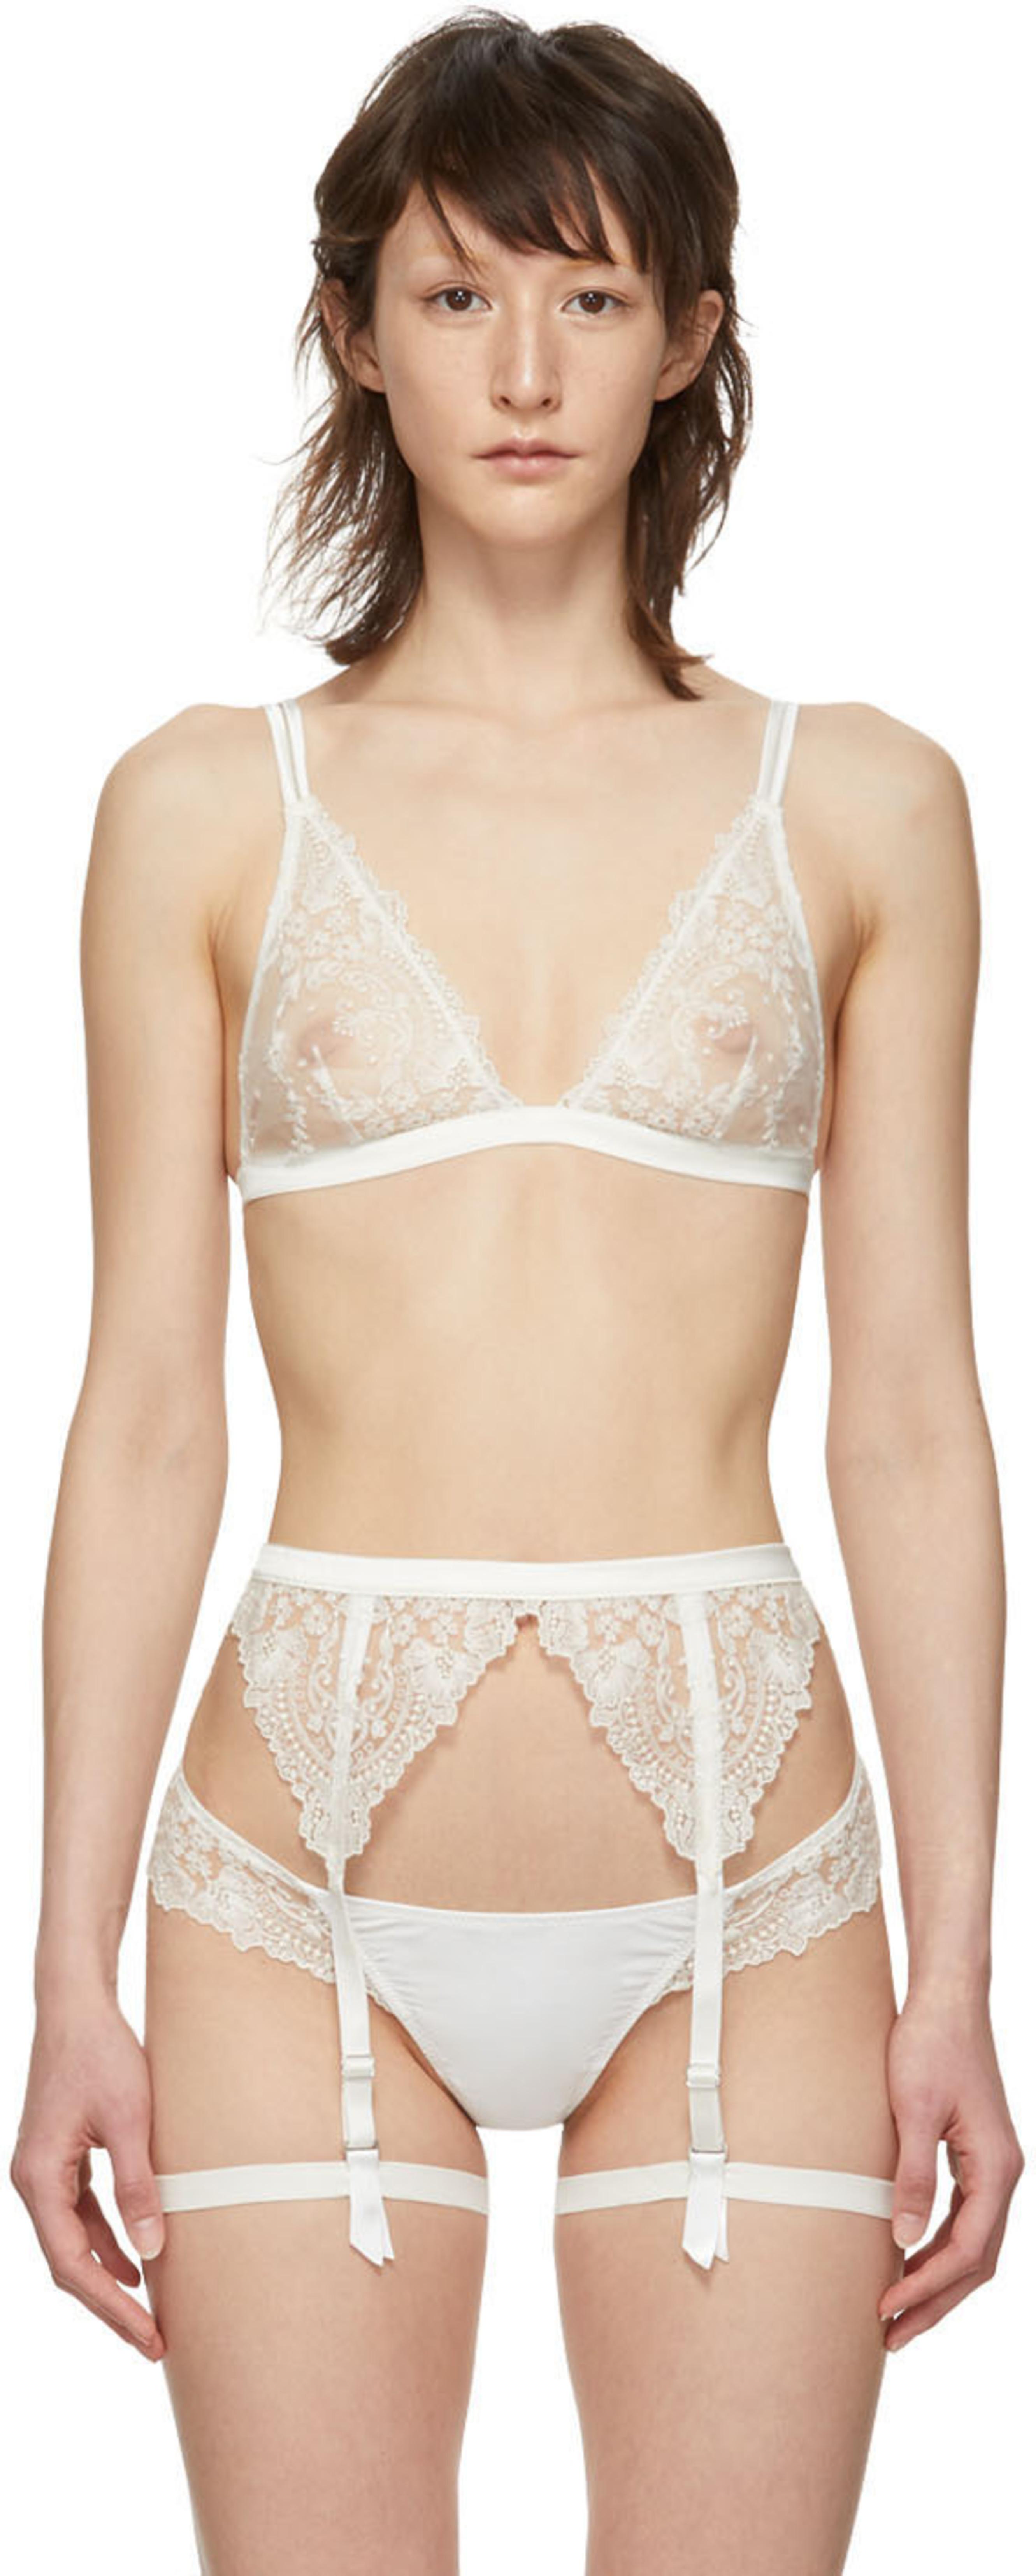 0e66ba036 Designer lingerie for Women